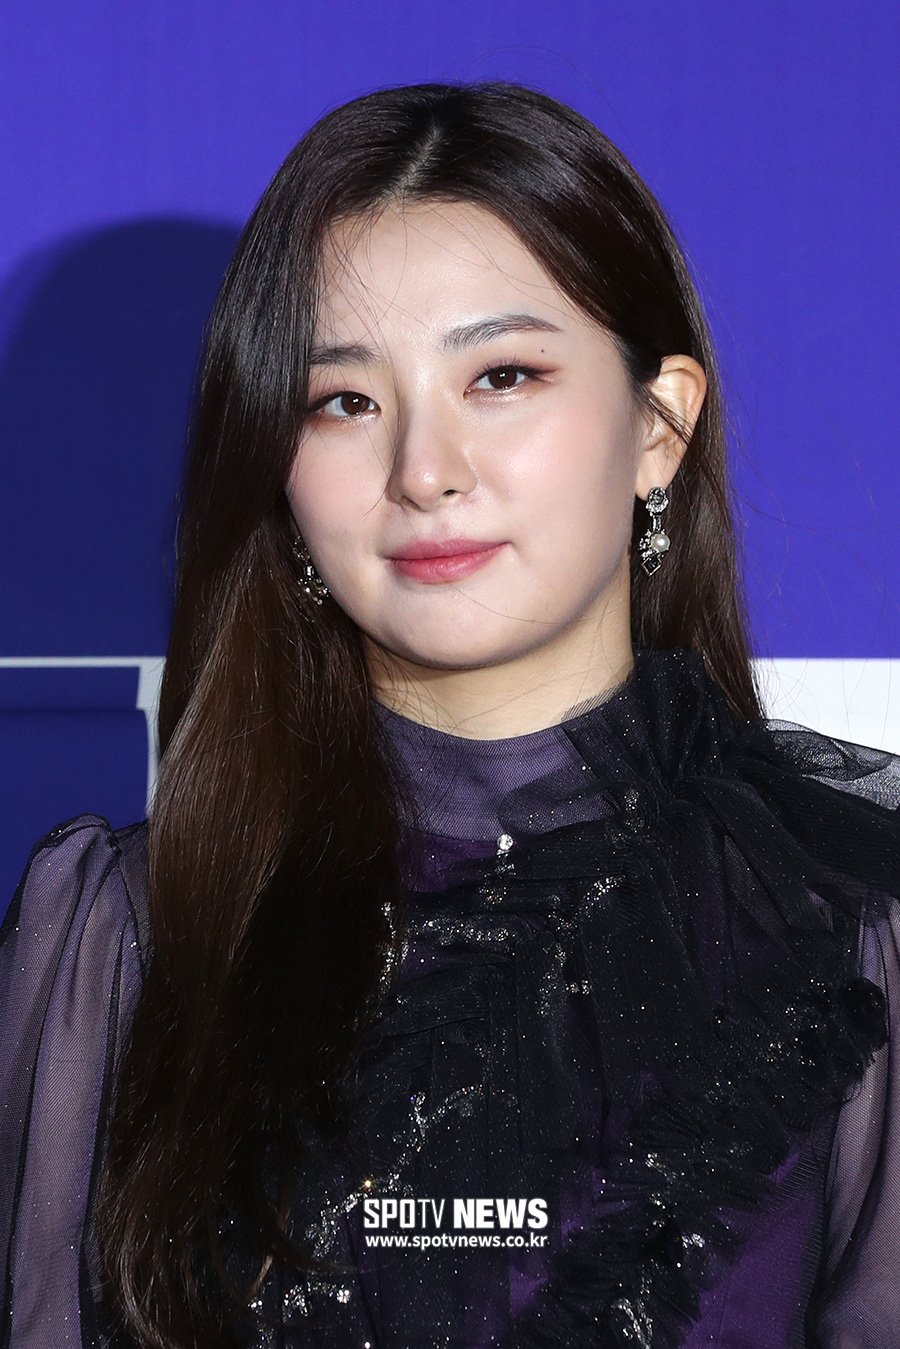 Thảm đỏ hot nhất xứ Hàn hôm nay: Tiffany (SNSD) chặt chém với đôi chân cực phẩm, Joy (Red Velvet) đẹp lấn át cả nữ thần Irene - Ảnh 12.